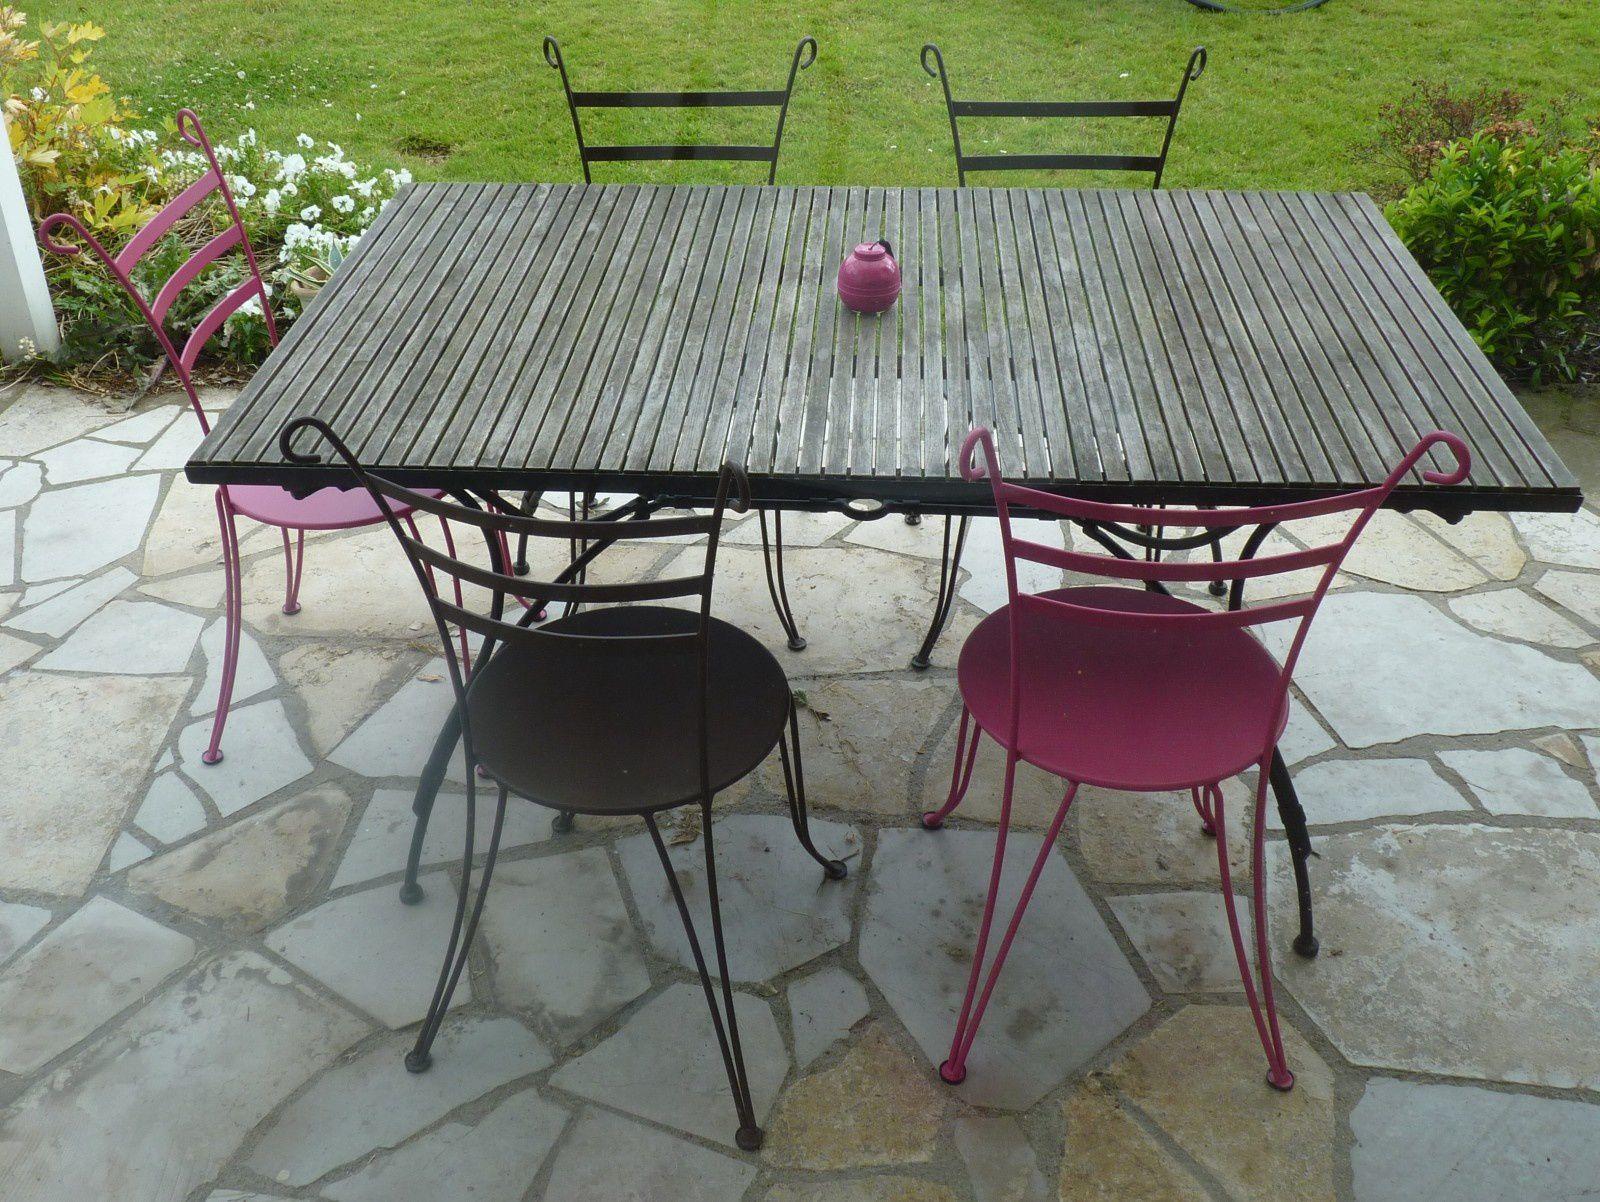 fauteuil jardin castorama fauteuil de jardin castorama fauteuil acapulco ok design pour sentou. Black Bedroom Furniture Sets. Home Design Ideas